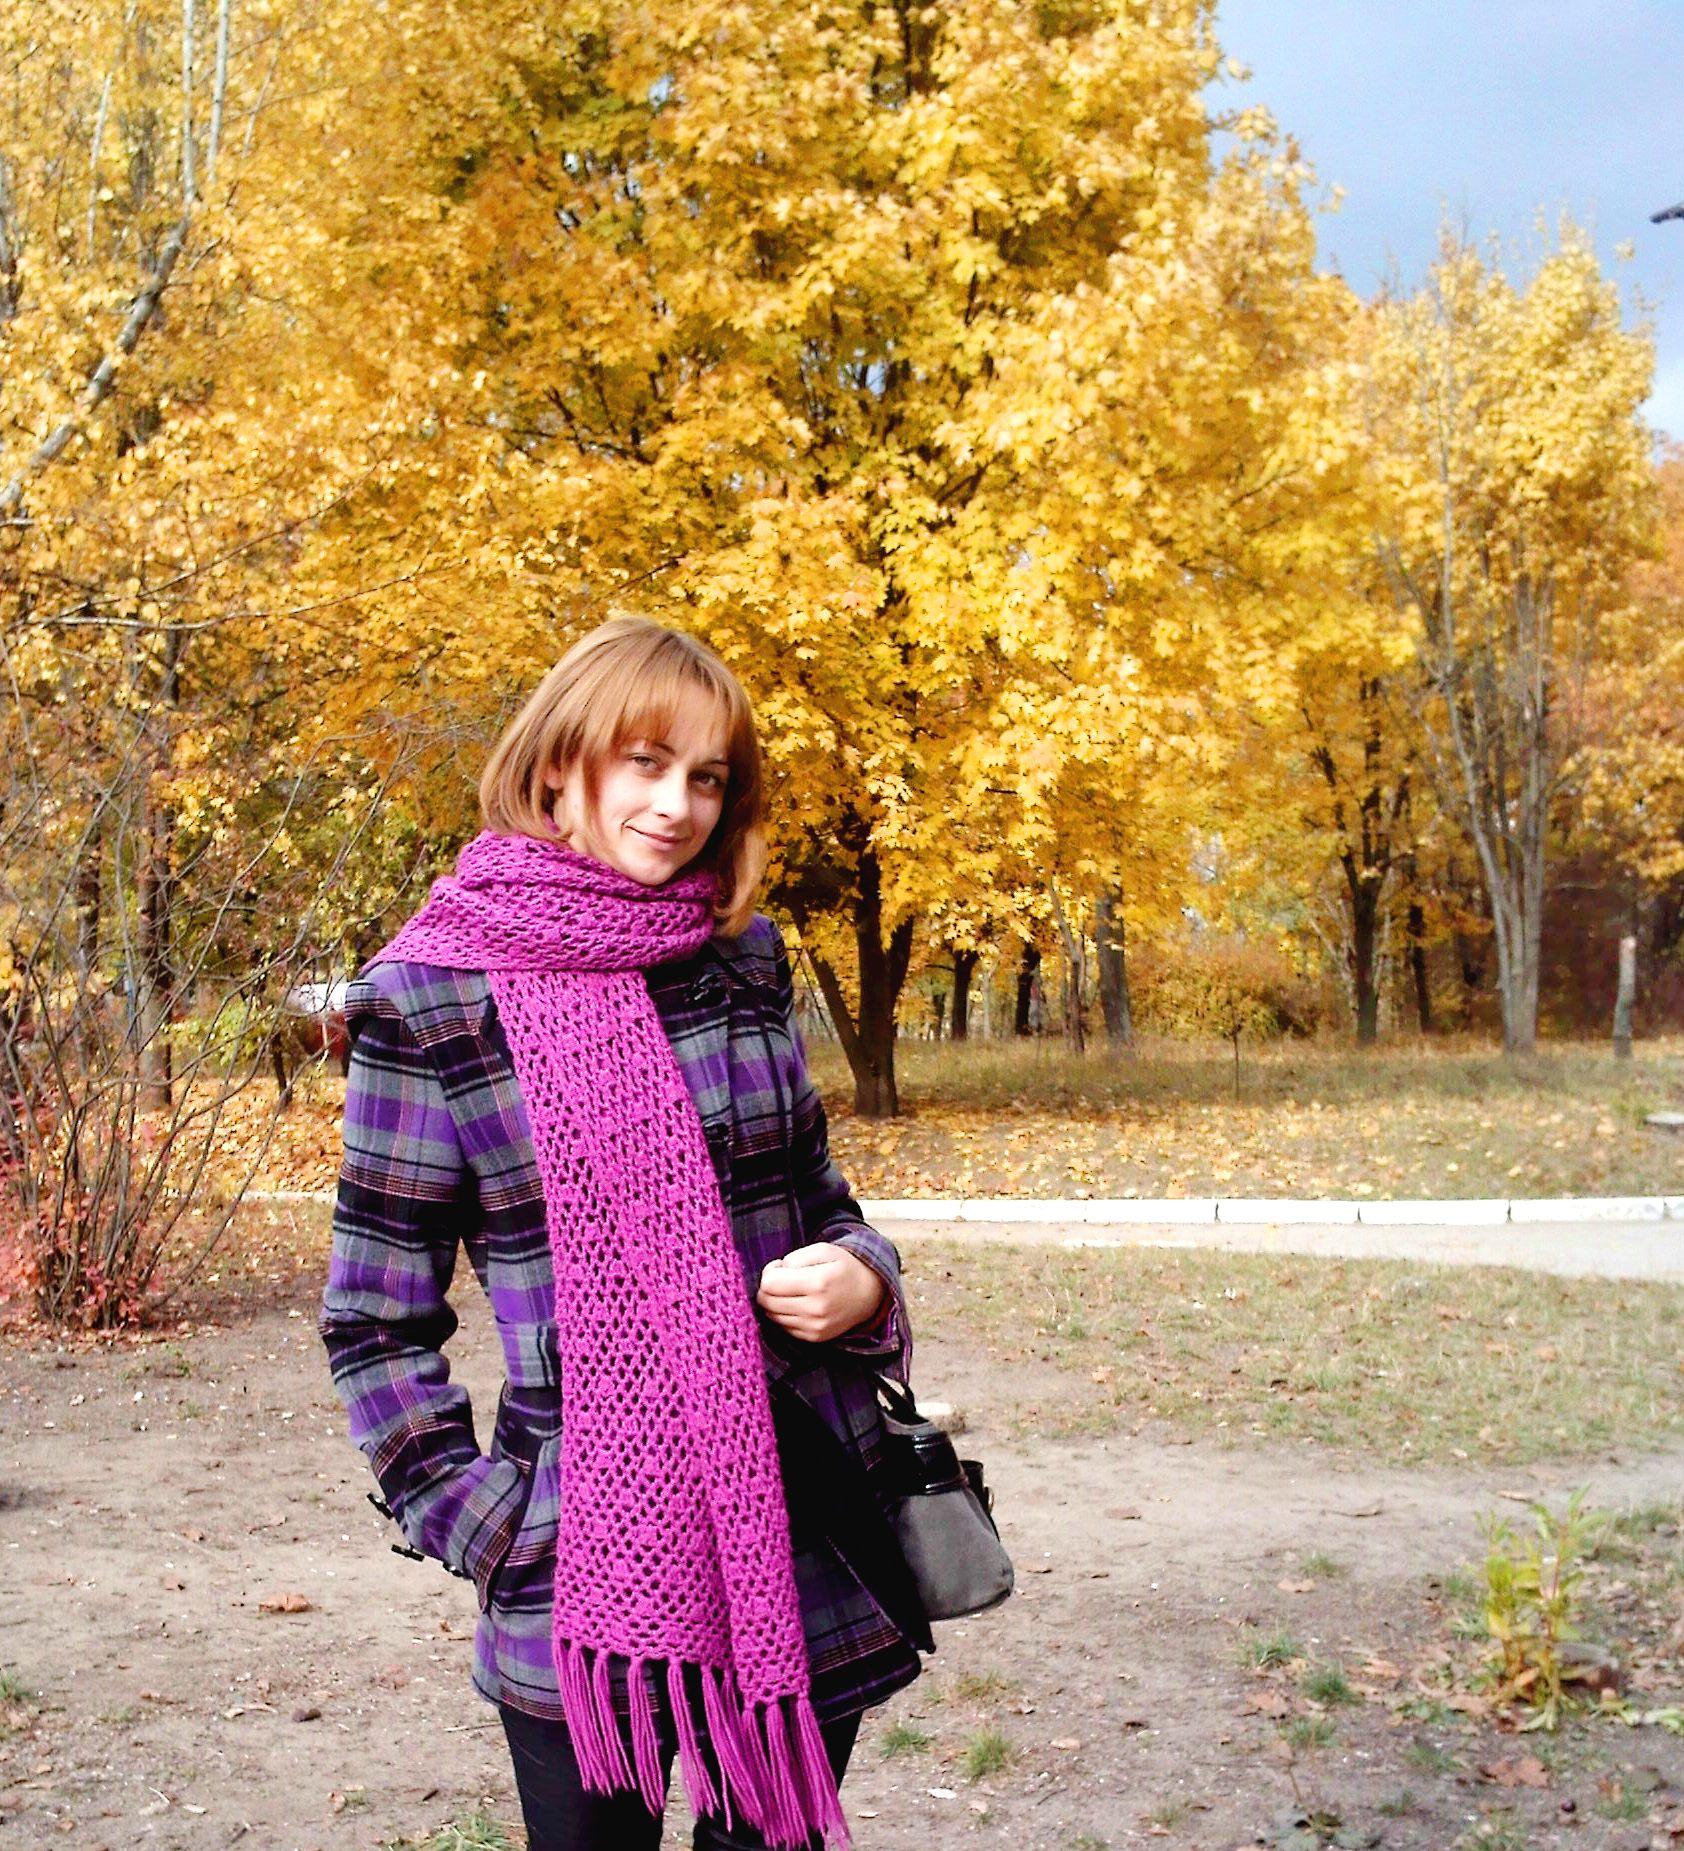 Золотом красивая осень!. Осенний образ